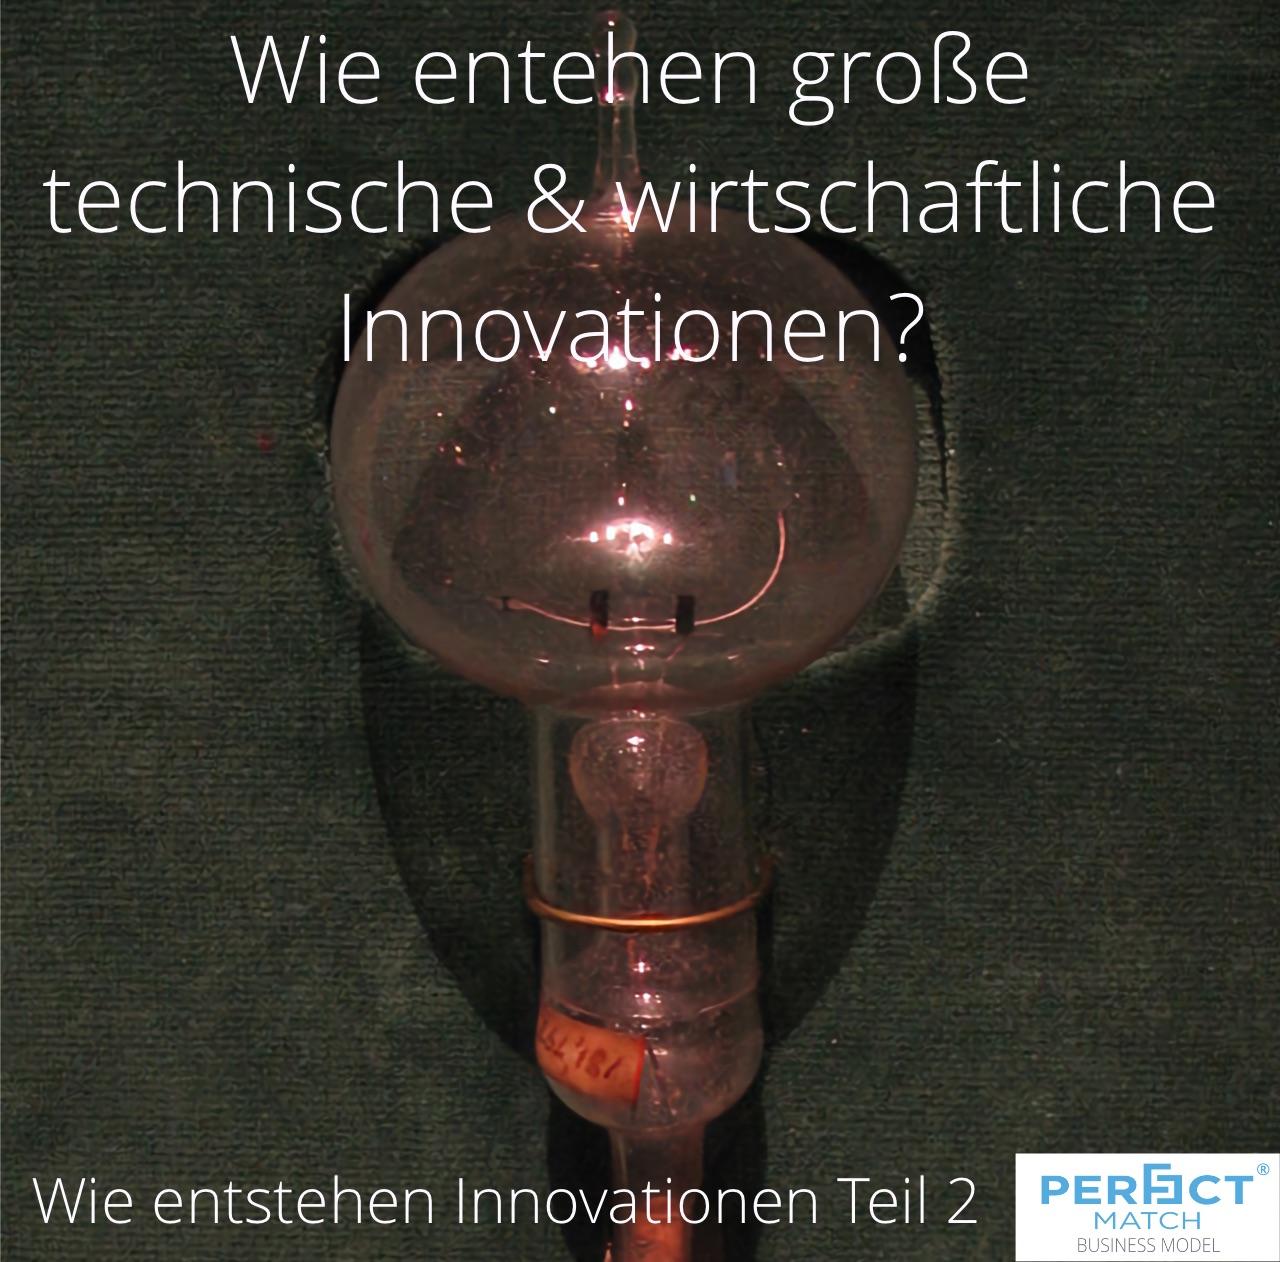 Wie entstehen Innovationen im großen Stil